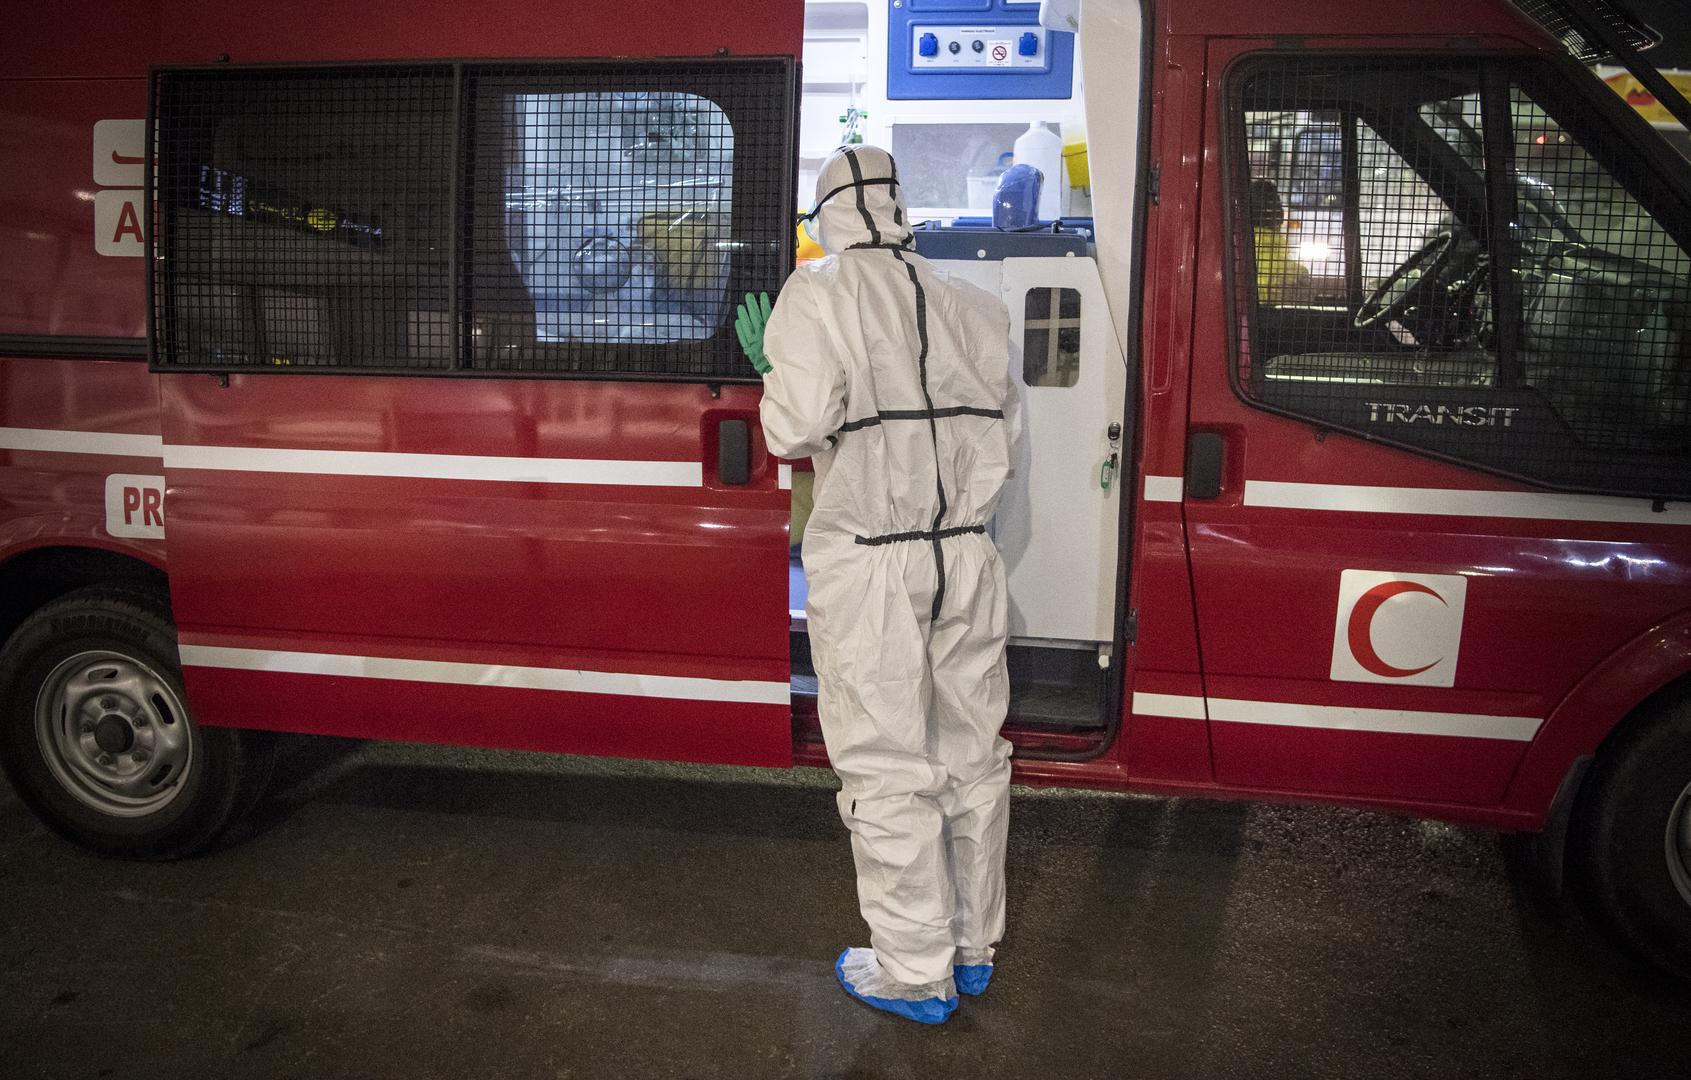 فيروس كورونا: تسجيل 35 حالة مؤكدة جديدة بالمغرب